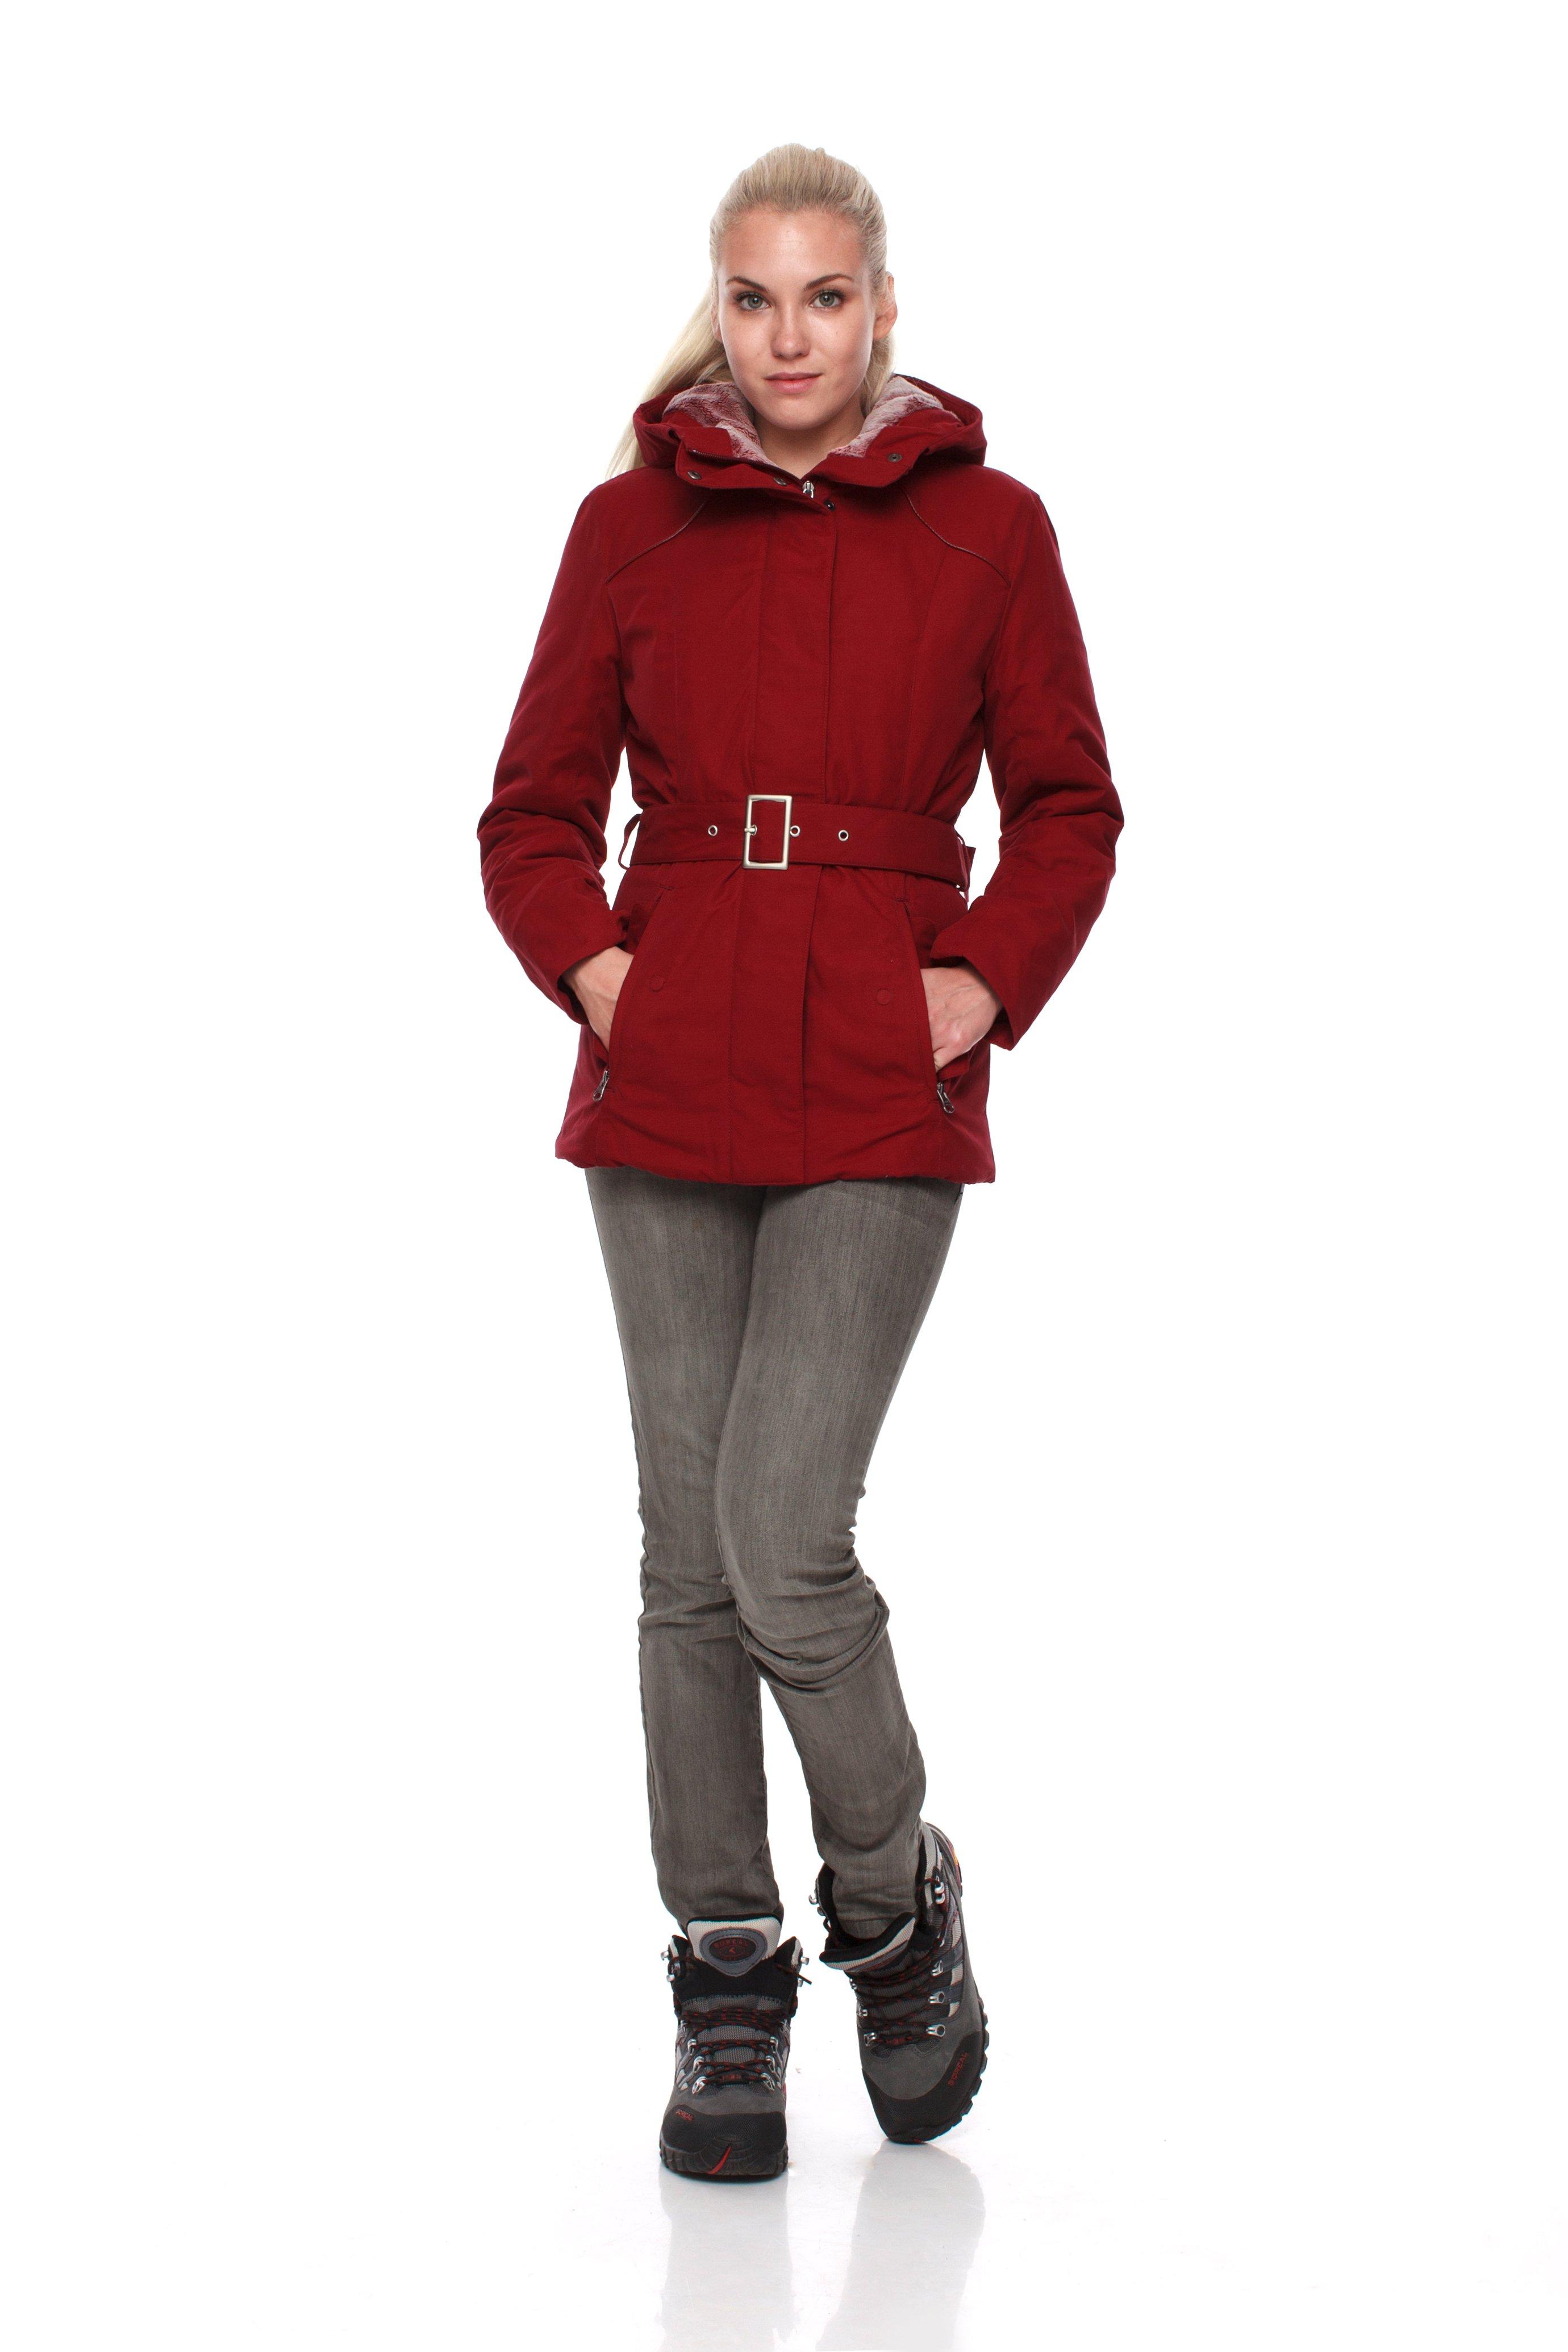 Куртка BASK SHL FURY 5455Куртки<br><br><br>Верхняя ткань: Nylon 50%,Cotton 50%,Teflon WR<br>Ветро-влагозащитные свойства верхней ткани: Да<br>Ветрозащитная планка: Да<br>Ветрозащитная юбка: Нет<br>Влагозащитные молнии: Нет<br>Внутренние манжеты: Да<br>Внутренняя ткань: Advance® Classic<br>Дублирующий центральную молнию клапан: Да<br>Защитный козырёк капюшона: Нет<br>Капюшон: Несъемный<br>Количество внешних карманов: 2<br>Количество внутренних карманов: 2<br>Коллекция: Bask City<br>Мембрана: Нет<br>Объемный крой локтевой зоны: Нет<br>Отстёгивающиеся рукава: Нет<br>Пол: Женский<br>Проклейка швов: Нет<br>Регулировка манжетов рукавов: Нет<br>Регулировка низа: Нет<br>Регулировка объёма капюшона: Да<br>Регулировка талии: Да<br>Регулируемые вентиляционные отверстия: Нет<br>Световозвращающая лента: Нет<br>Температурный режим: -10<br>Технология Thermal Welding: Нет<br>Технология швов: Простые<br>Тип молнии: Однозамковая<br>Тип утеплителя: Синтетический<br>Ткань усиления: Нет<br>Усиление контактных зон: Нет<br>Утеплитель: Shelter®Sport<br>Размер RU: 46<br>Цвет: СЕРЫЙ